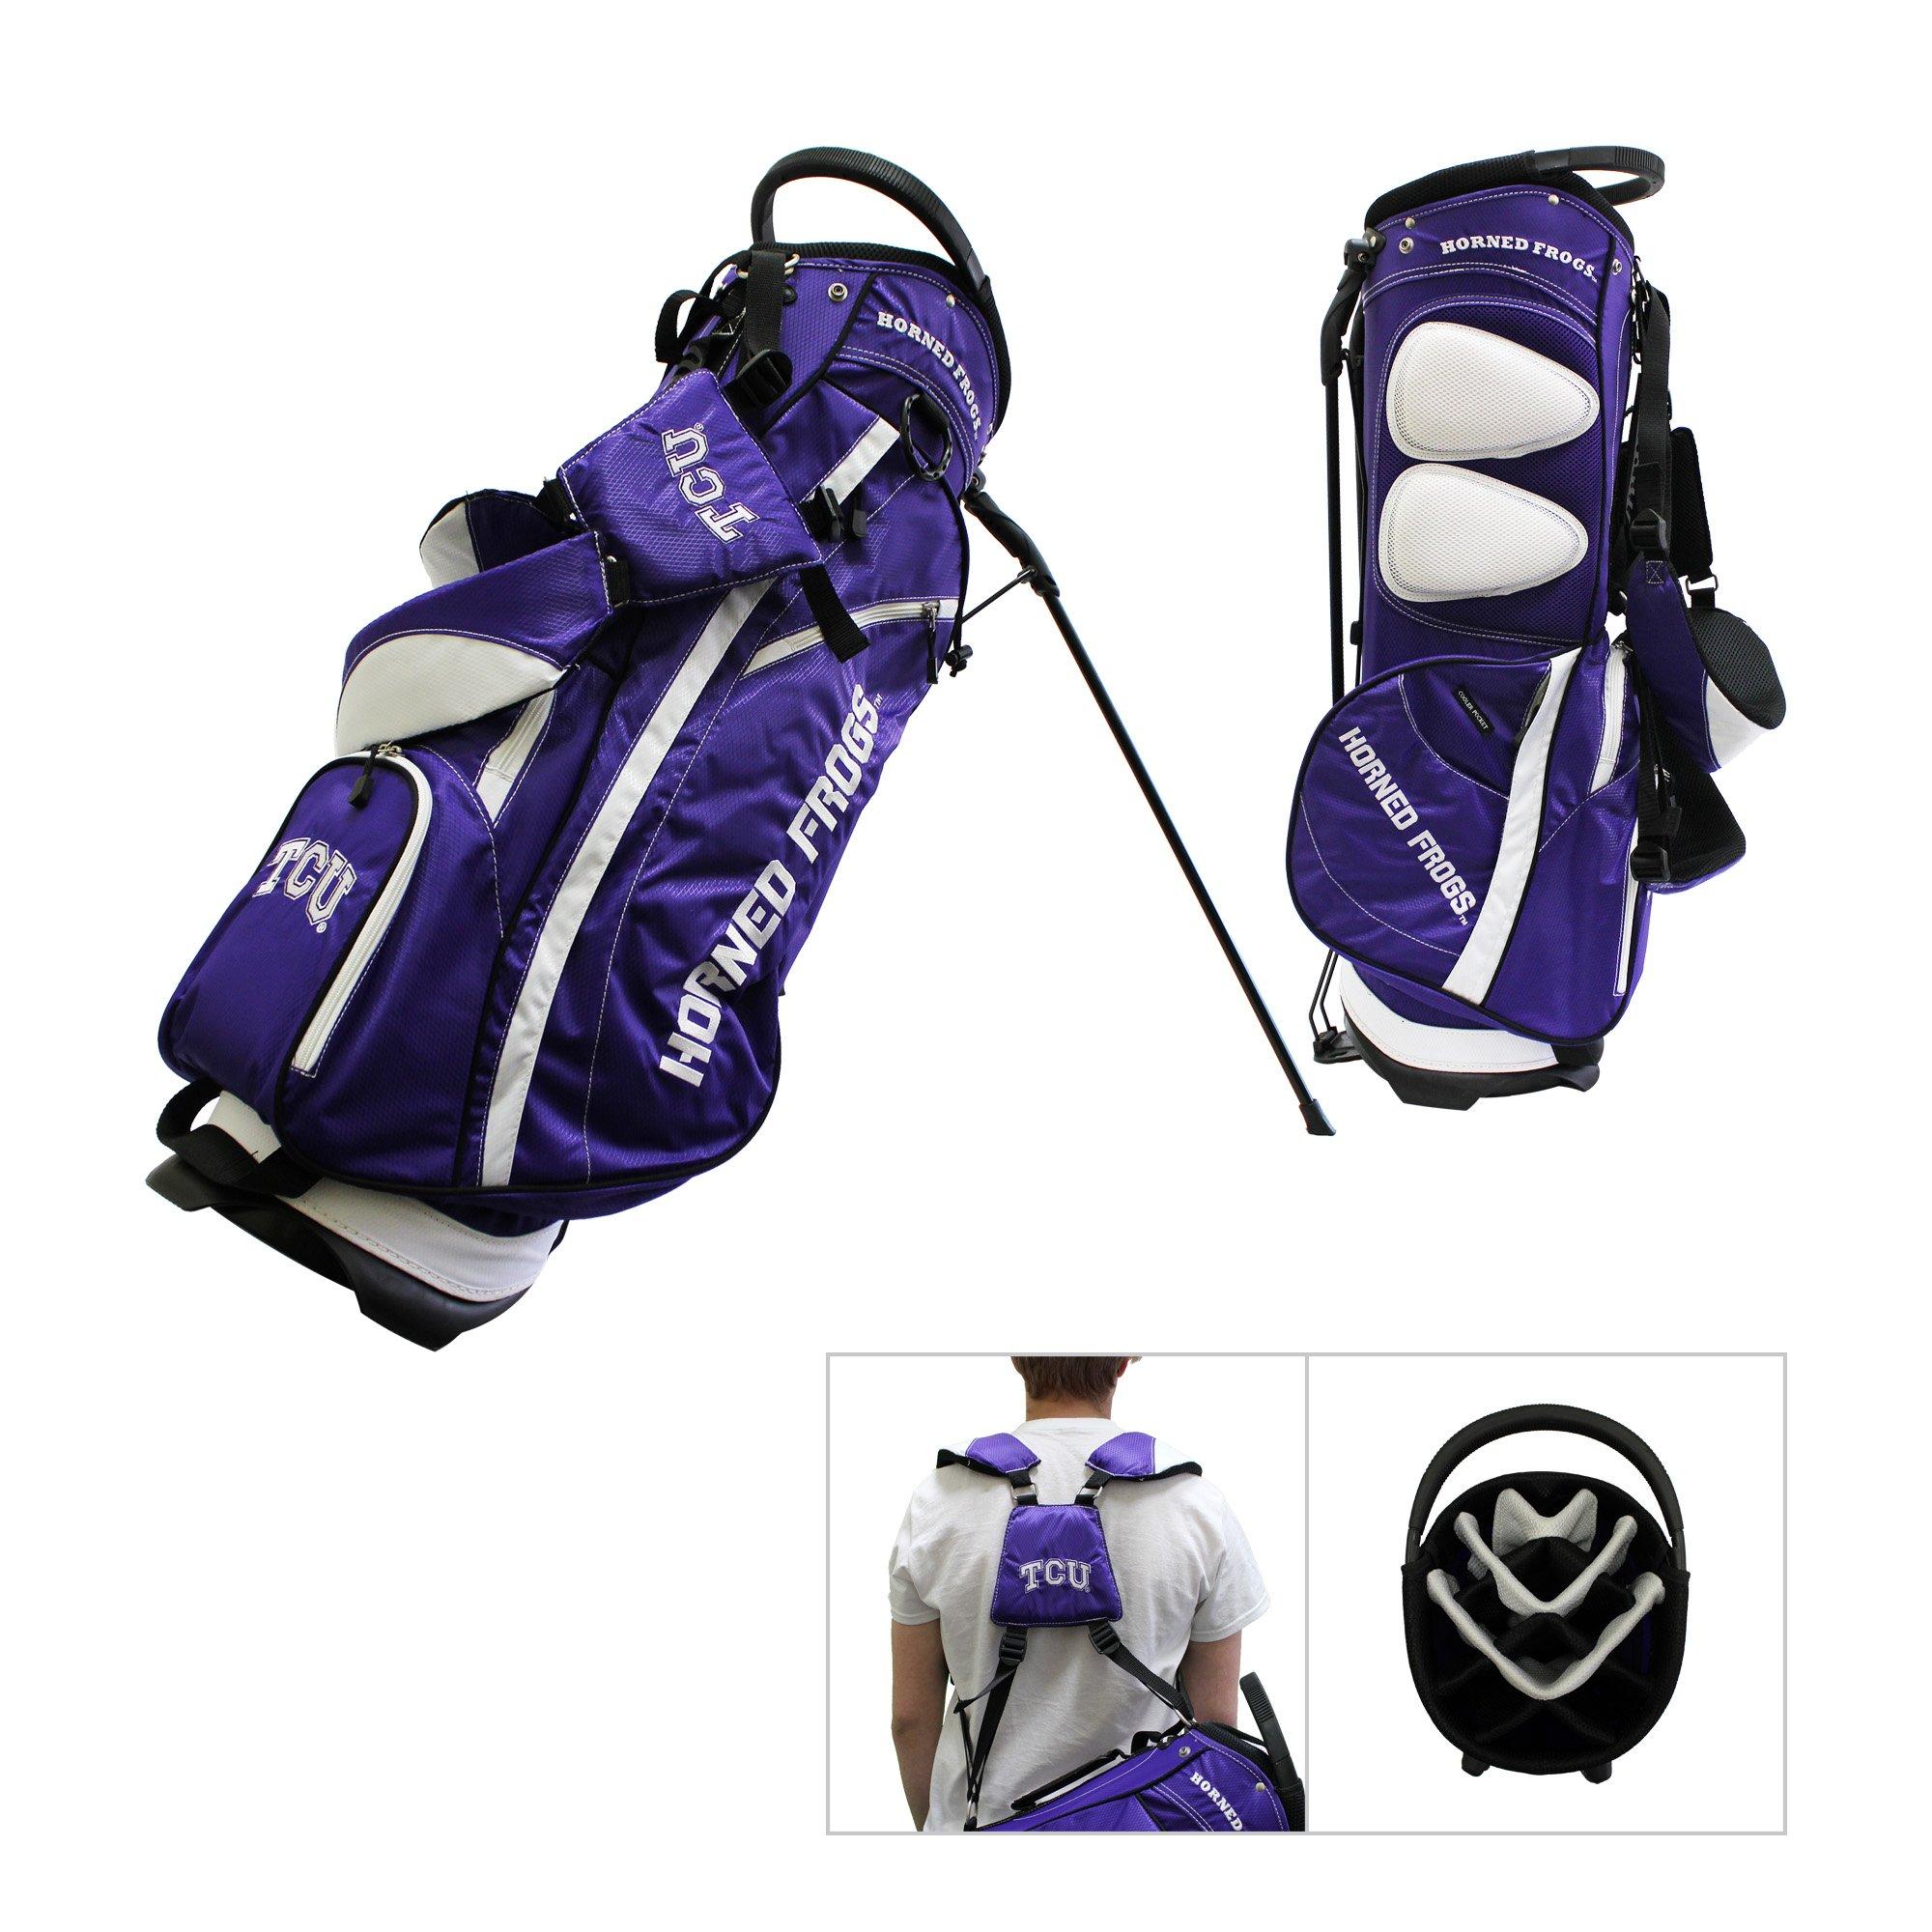 TCU Horned Frogs Team Golf Fairway Lightweight 14-Way Top Golf Club Stand Bag